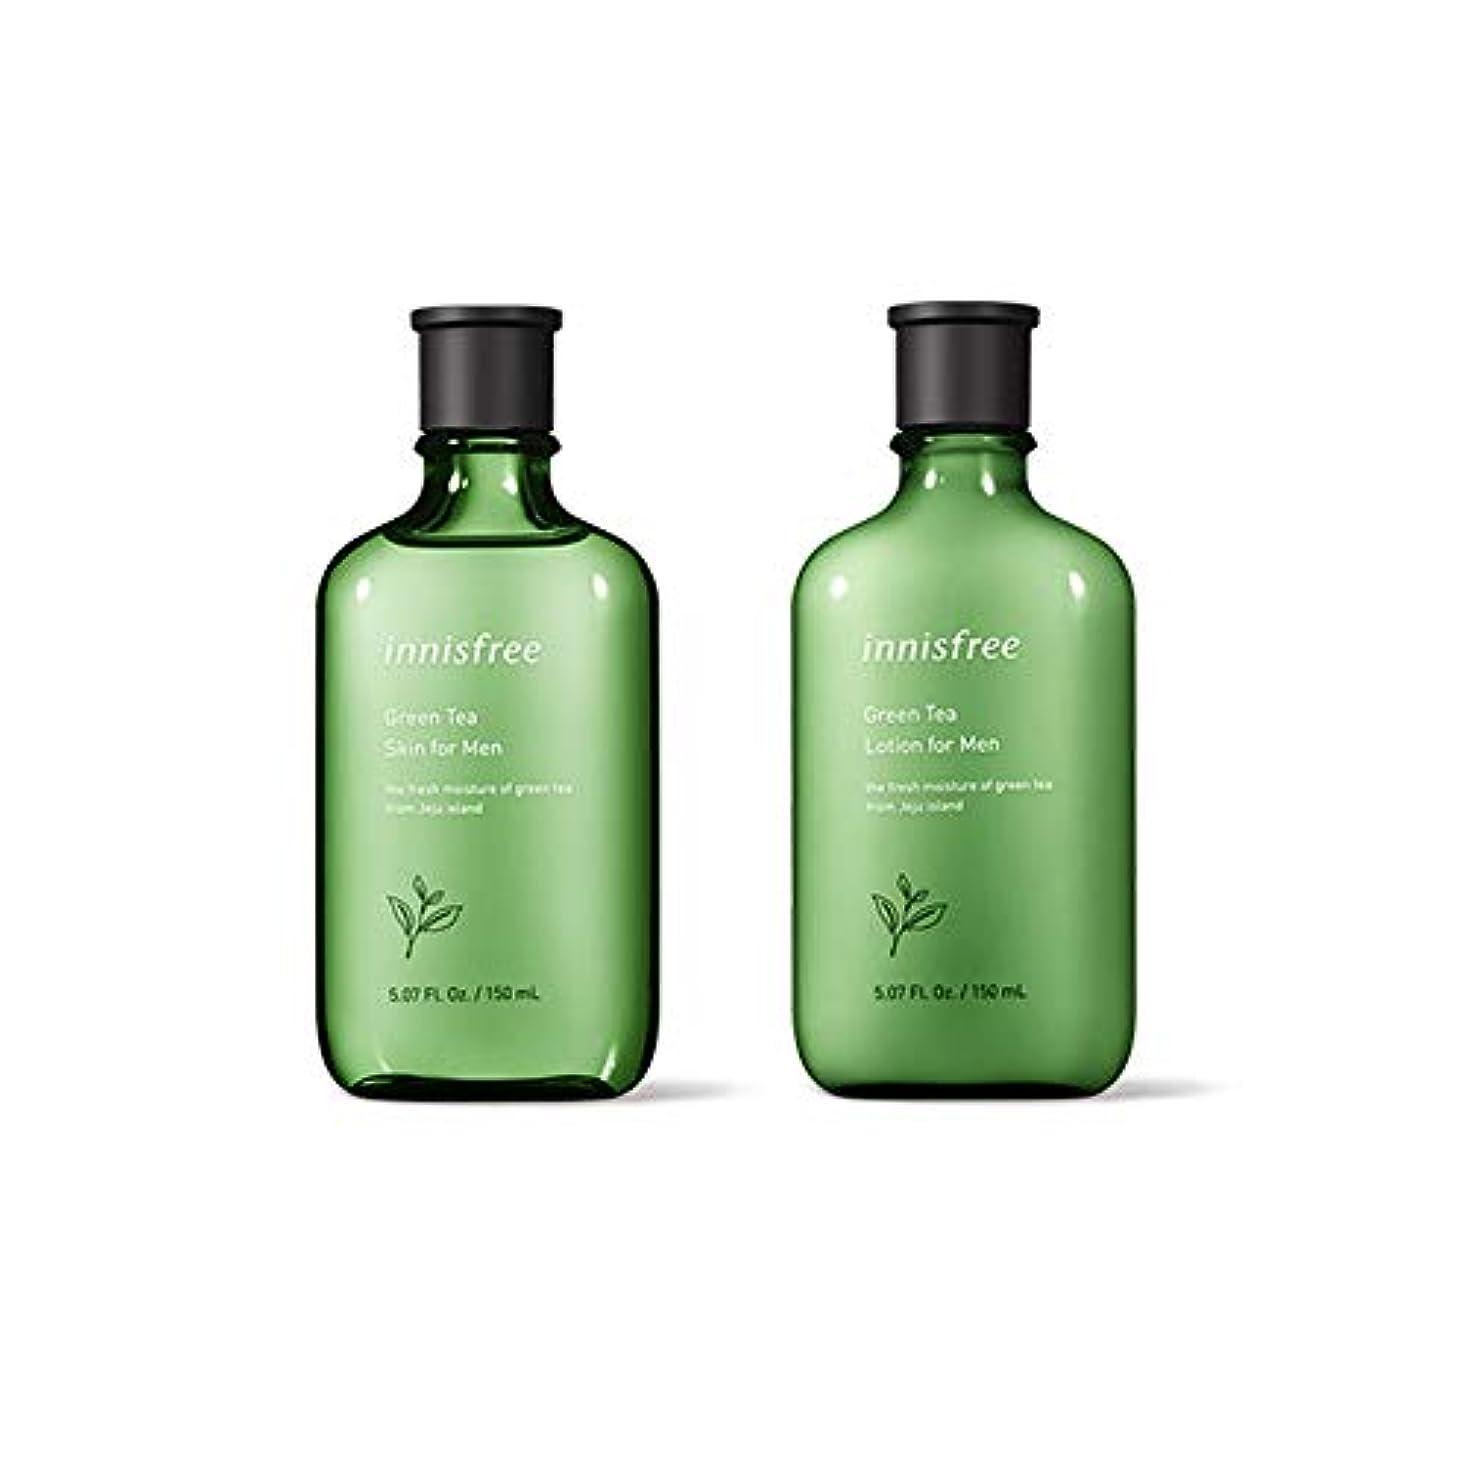 ゴシップリンケージラフイニスフリー Innisfree グリーンティースキン & ローションセットフォーメン(150ml+150ml) Innisfree Green Tea Skin & Lotion Set For Men(150ml+150ml...